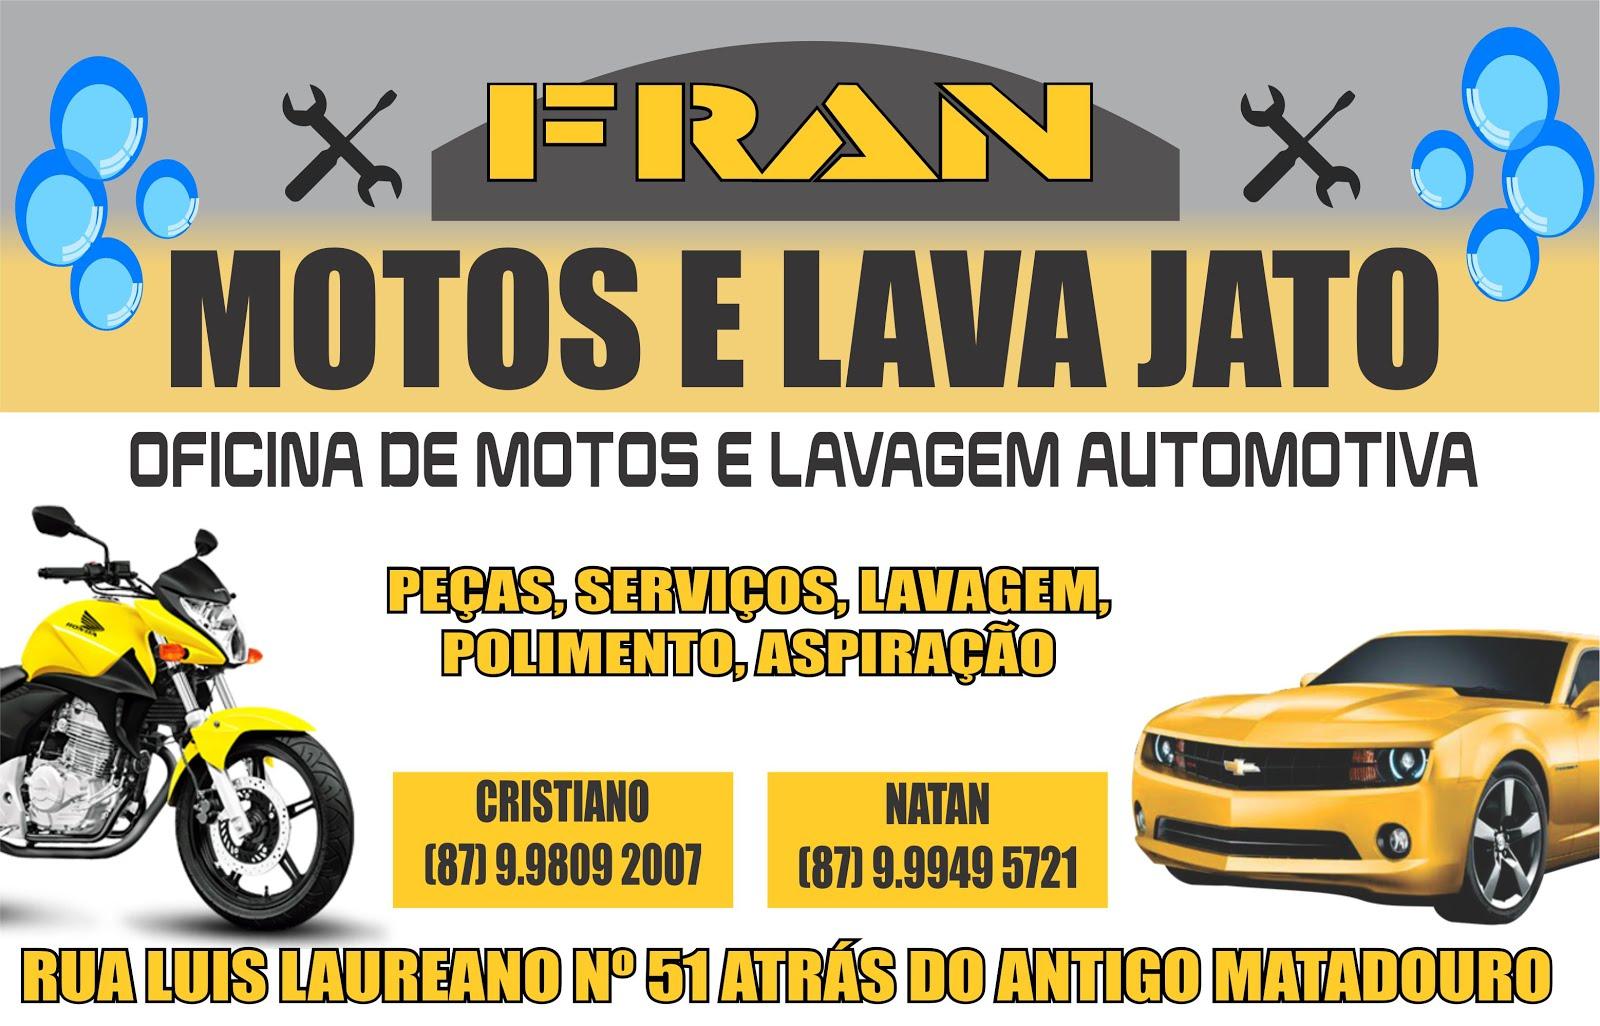 FRAM MOTOS E LAVA JATO